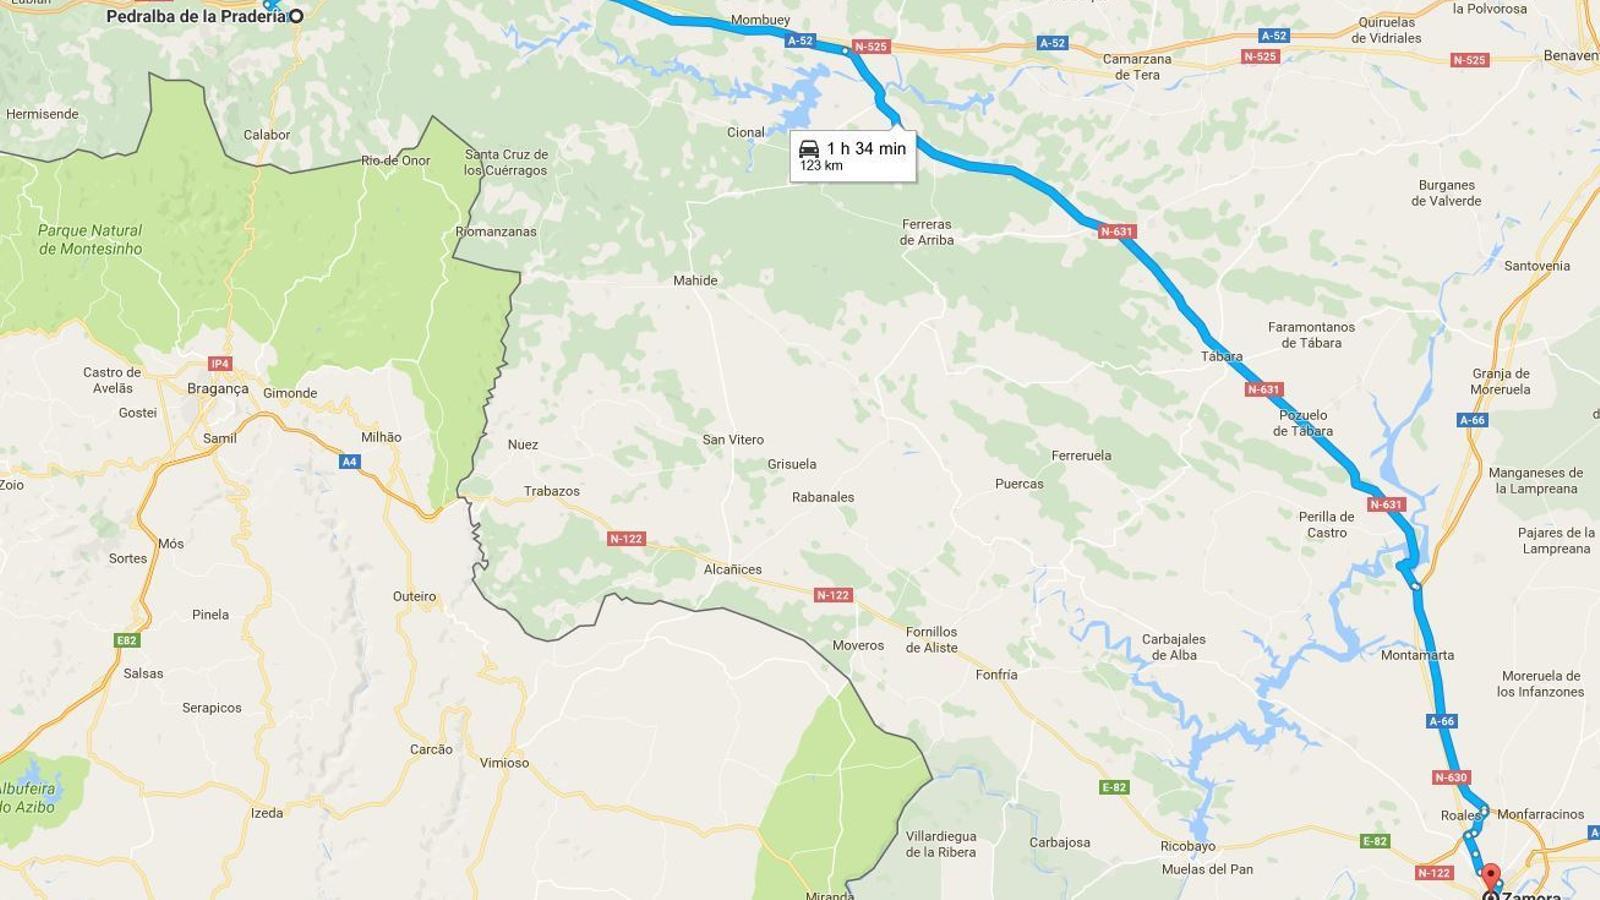 Captura de Google Maps: trams Zamora-Pedralba de la Pradería